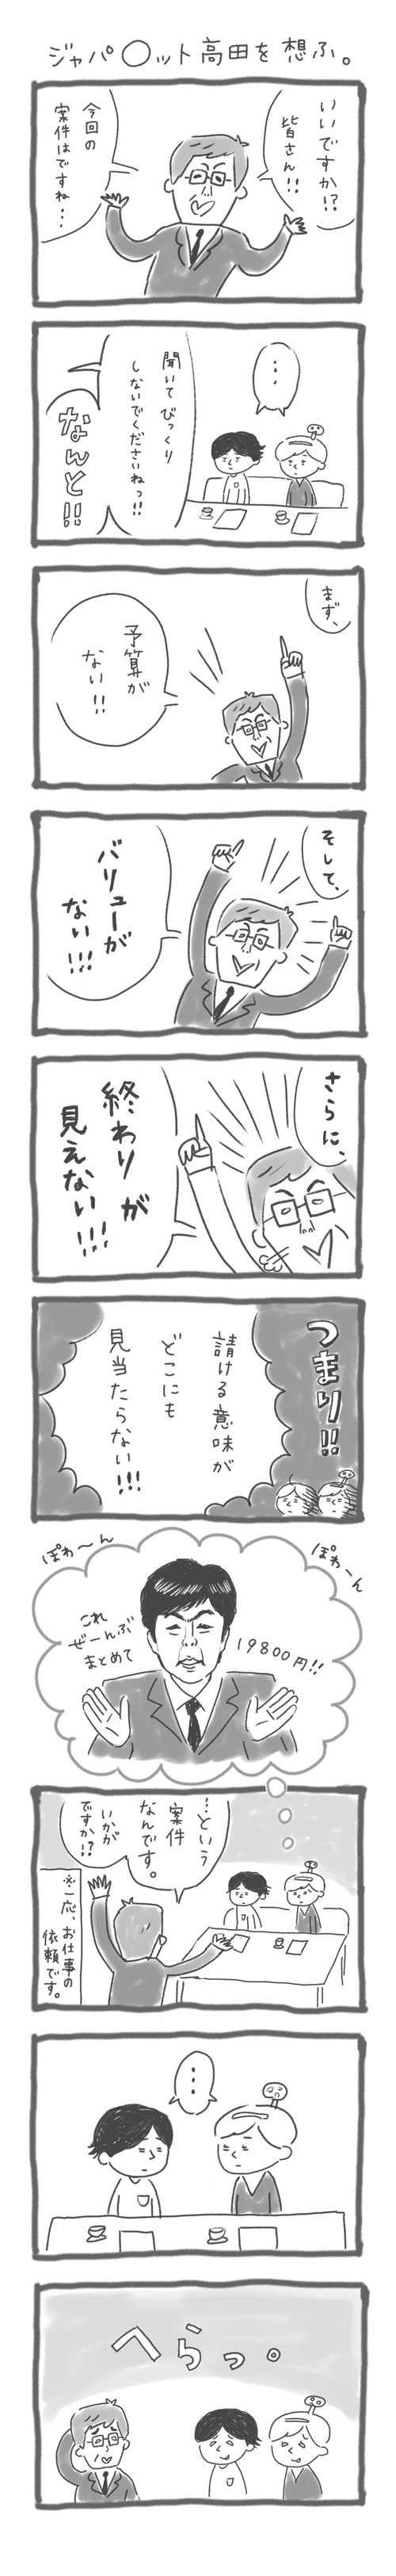 ジャパ○ット高田をおもふ